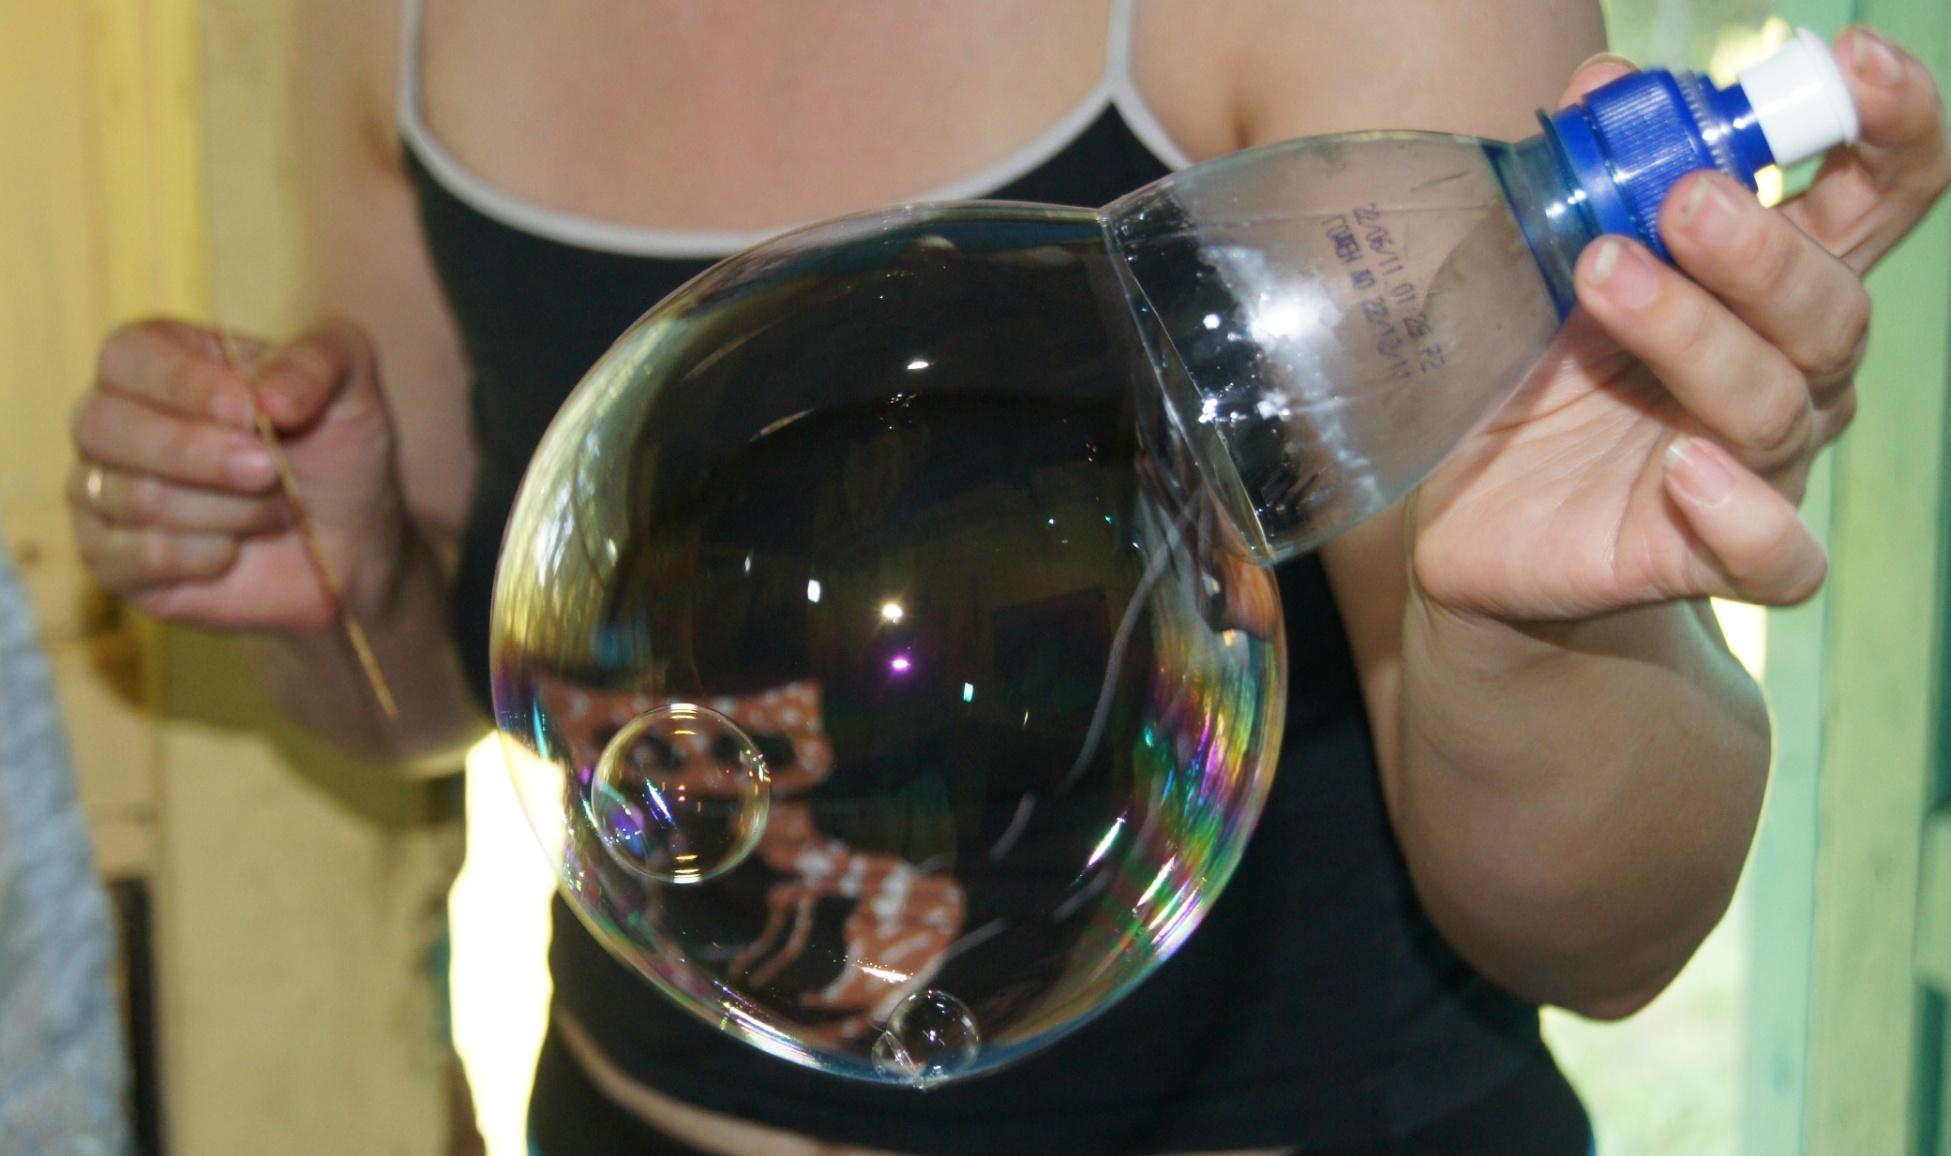 Приборы для выдувания мыльных пузырей своими руками